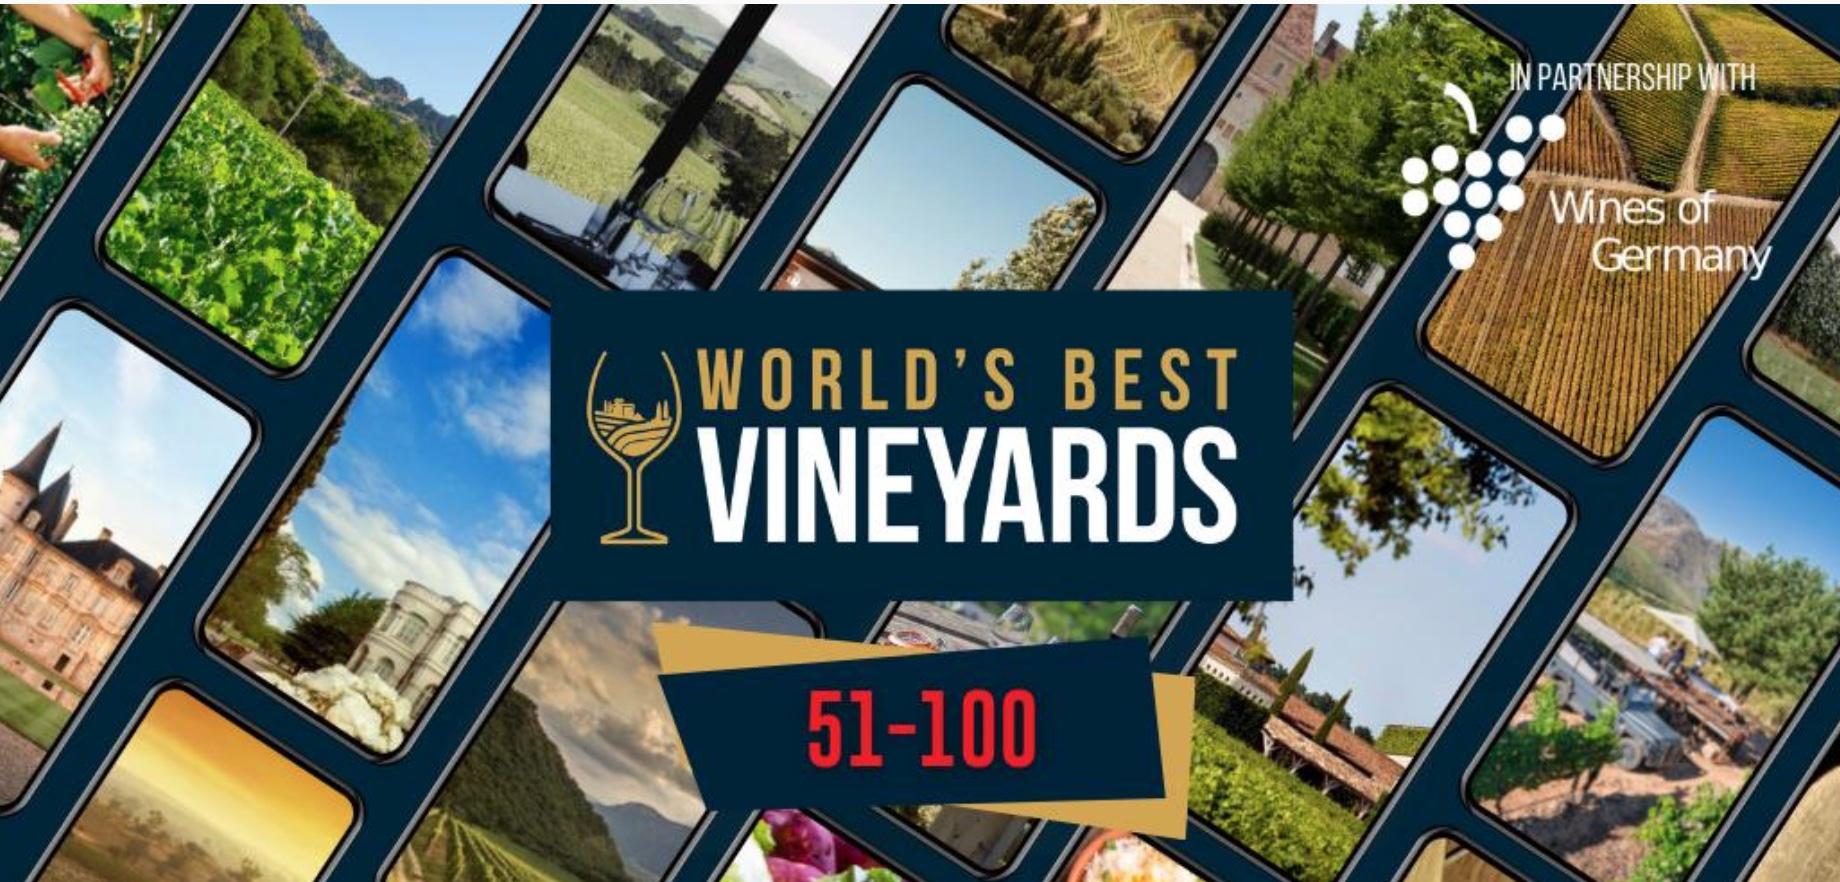 Worlds best vineyards 2021